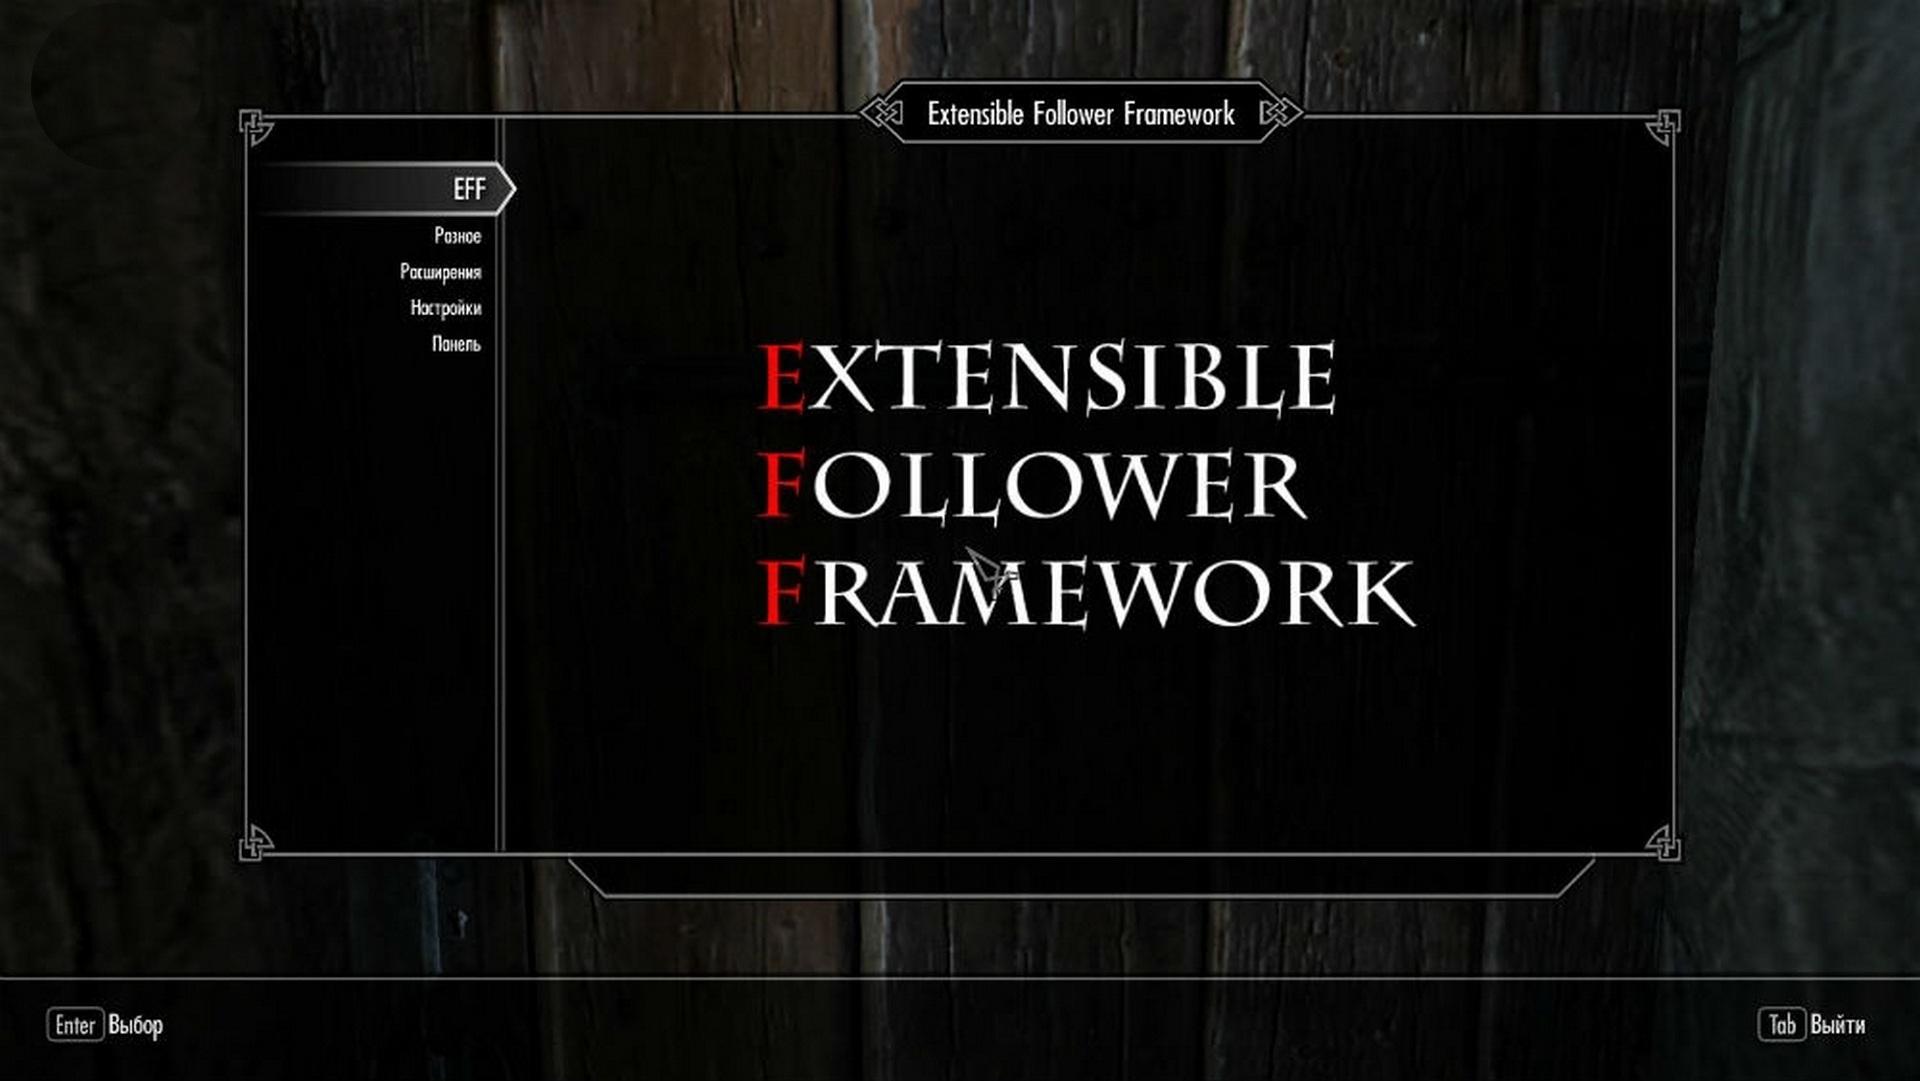 Extensible_Follower_Framework_07.jpg